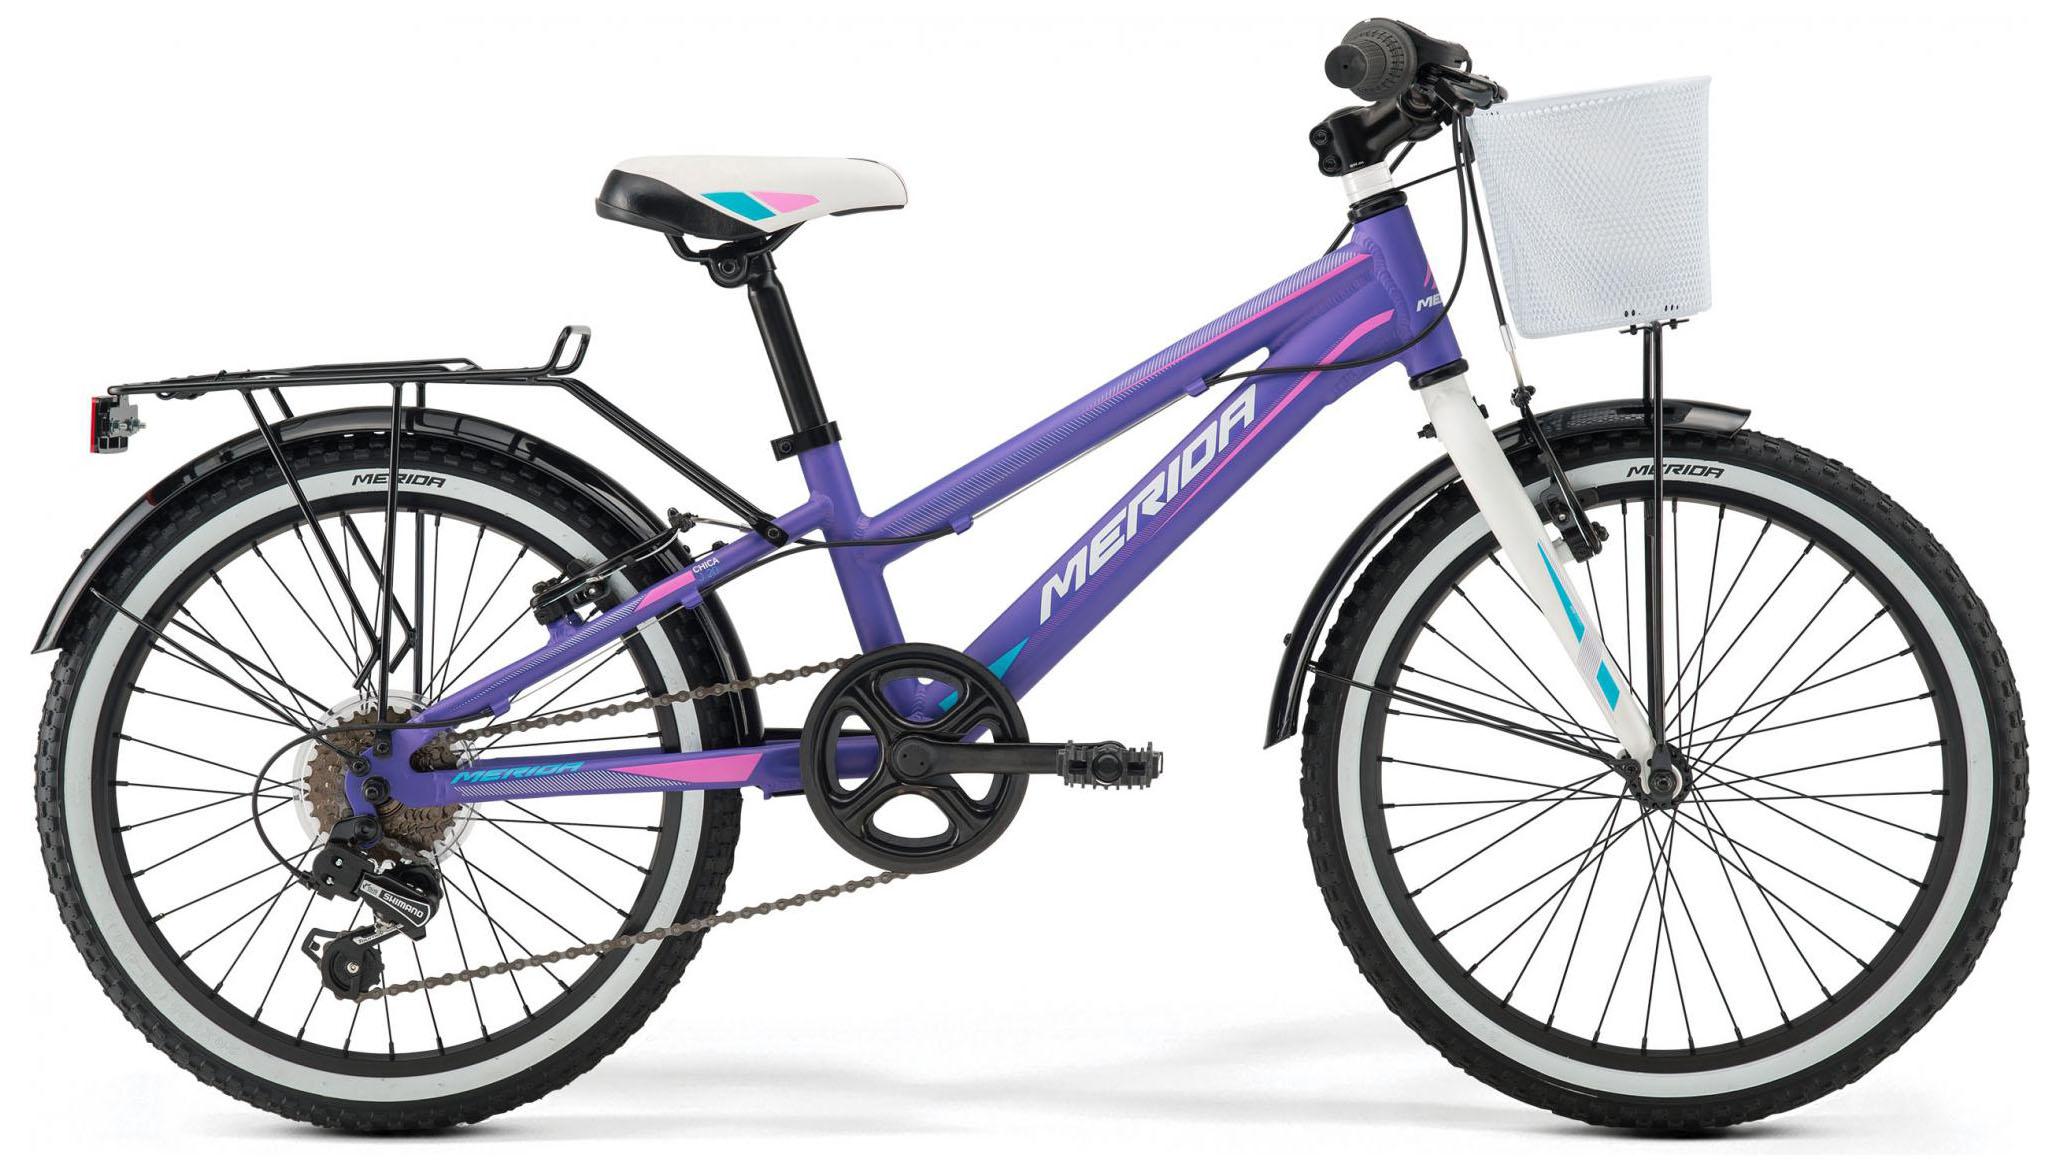 Велосипед Merida Chica J20 2019 детский велосипед merida chica j20 6spd 2016